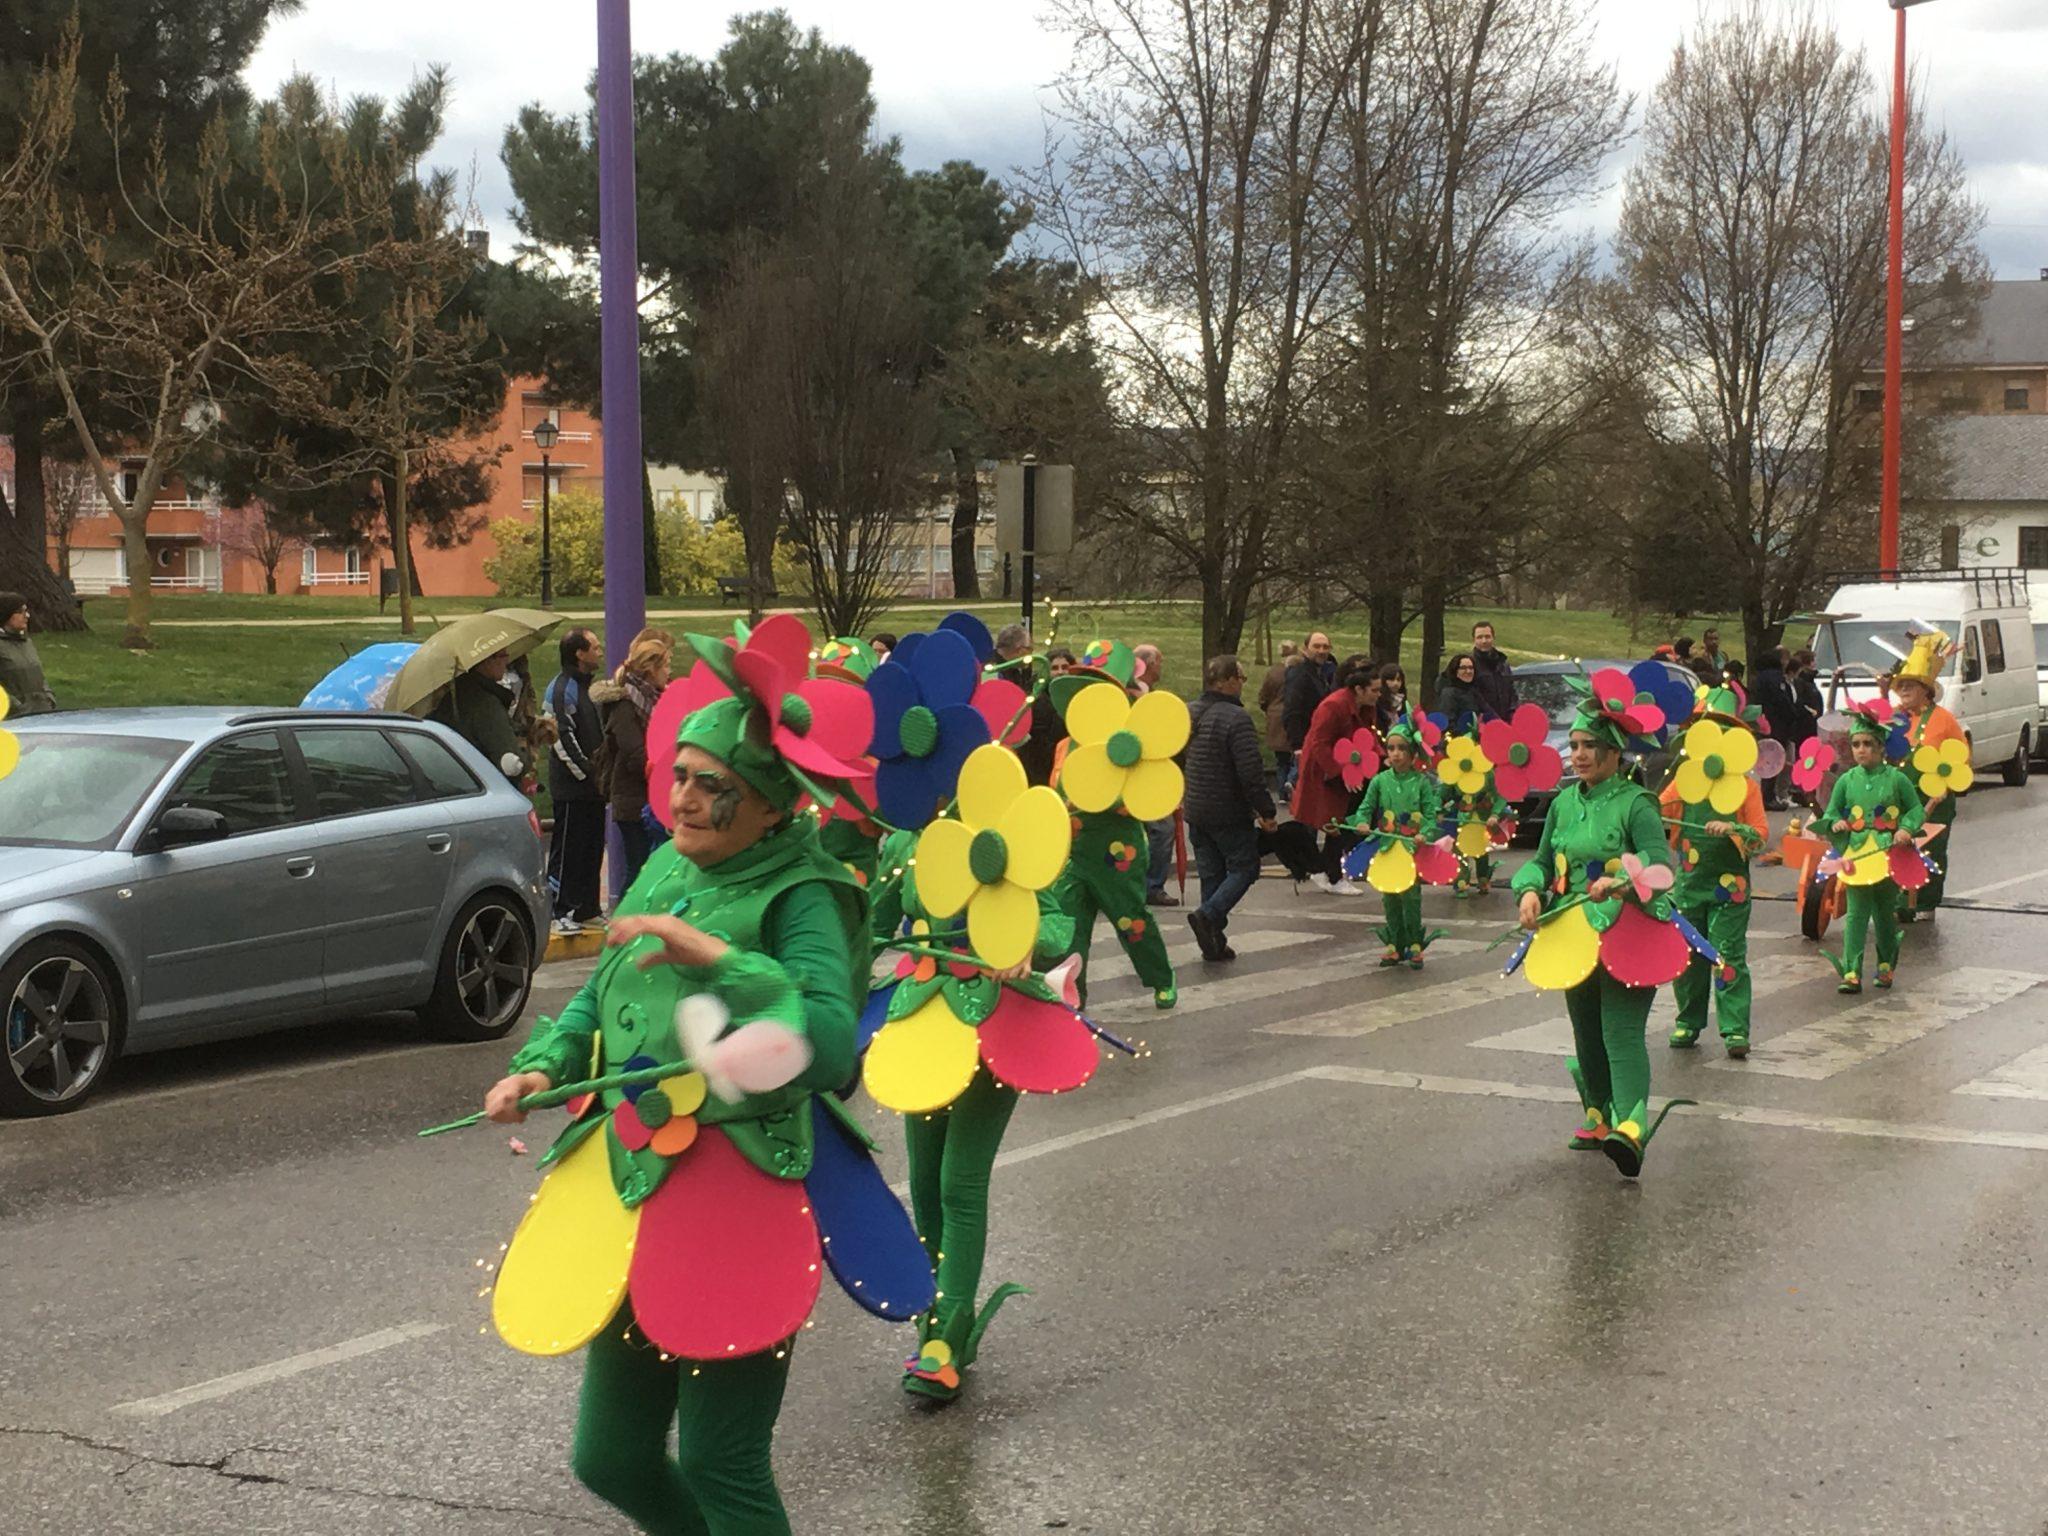 Álbum de fotos del martes de Carnaval 2019 en Ponferrada 52